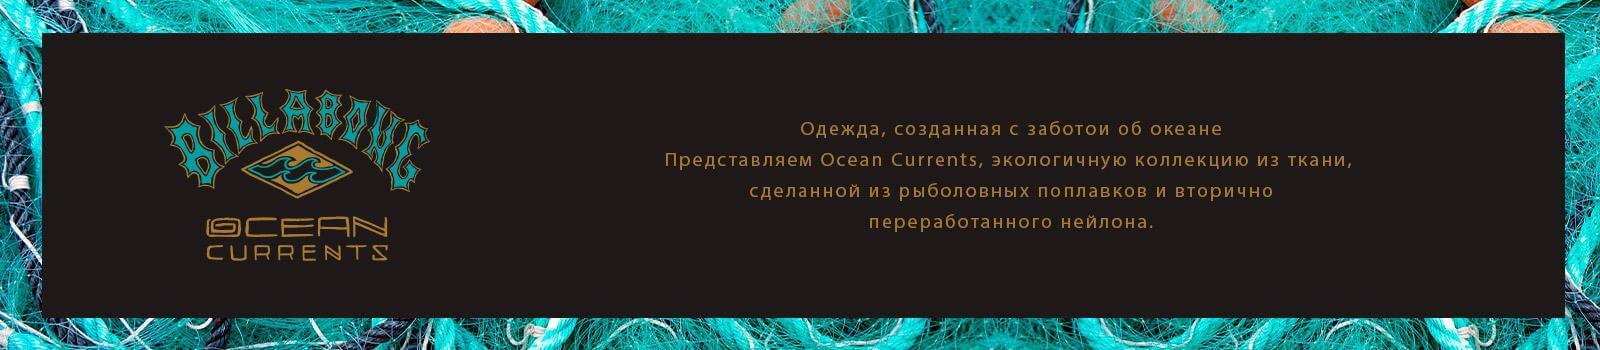 image1 description